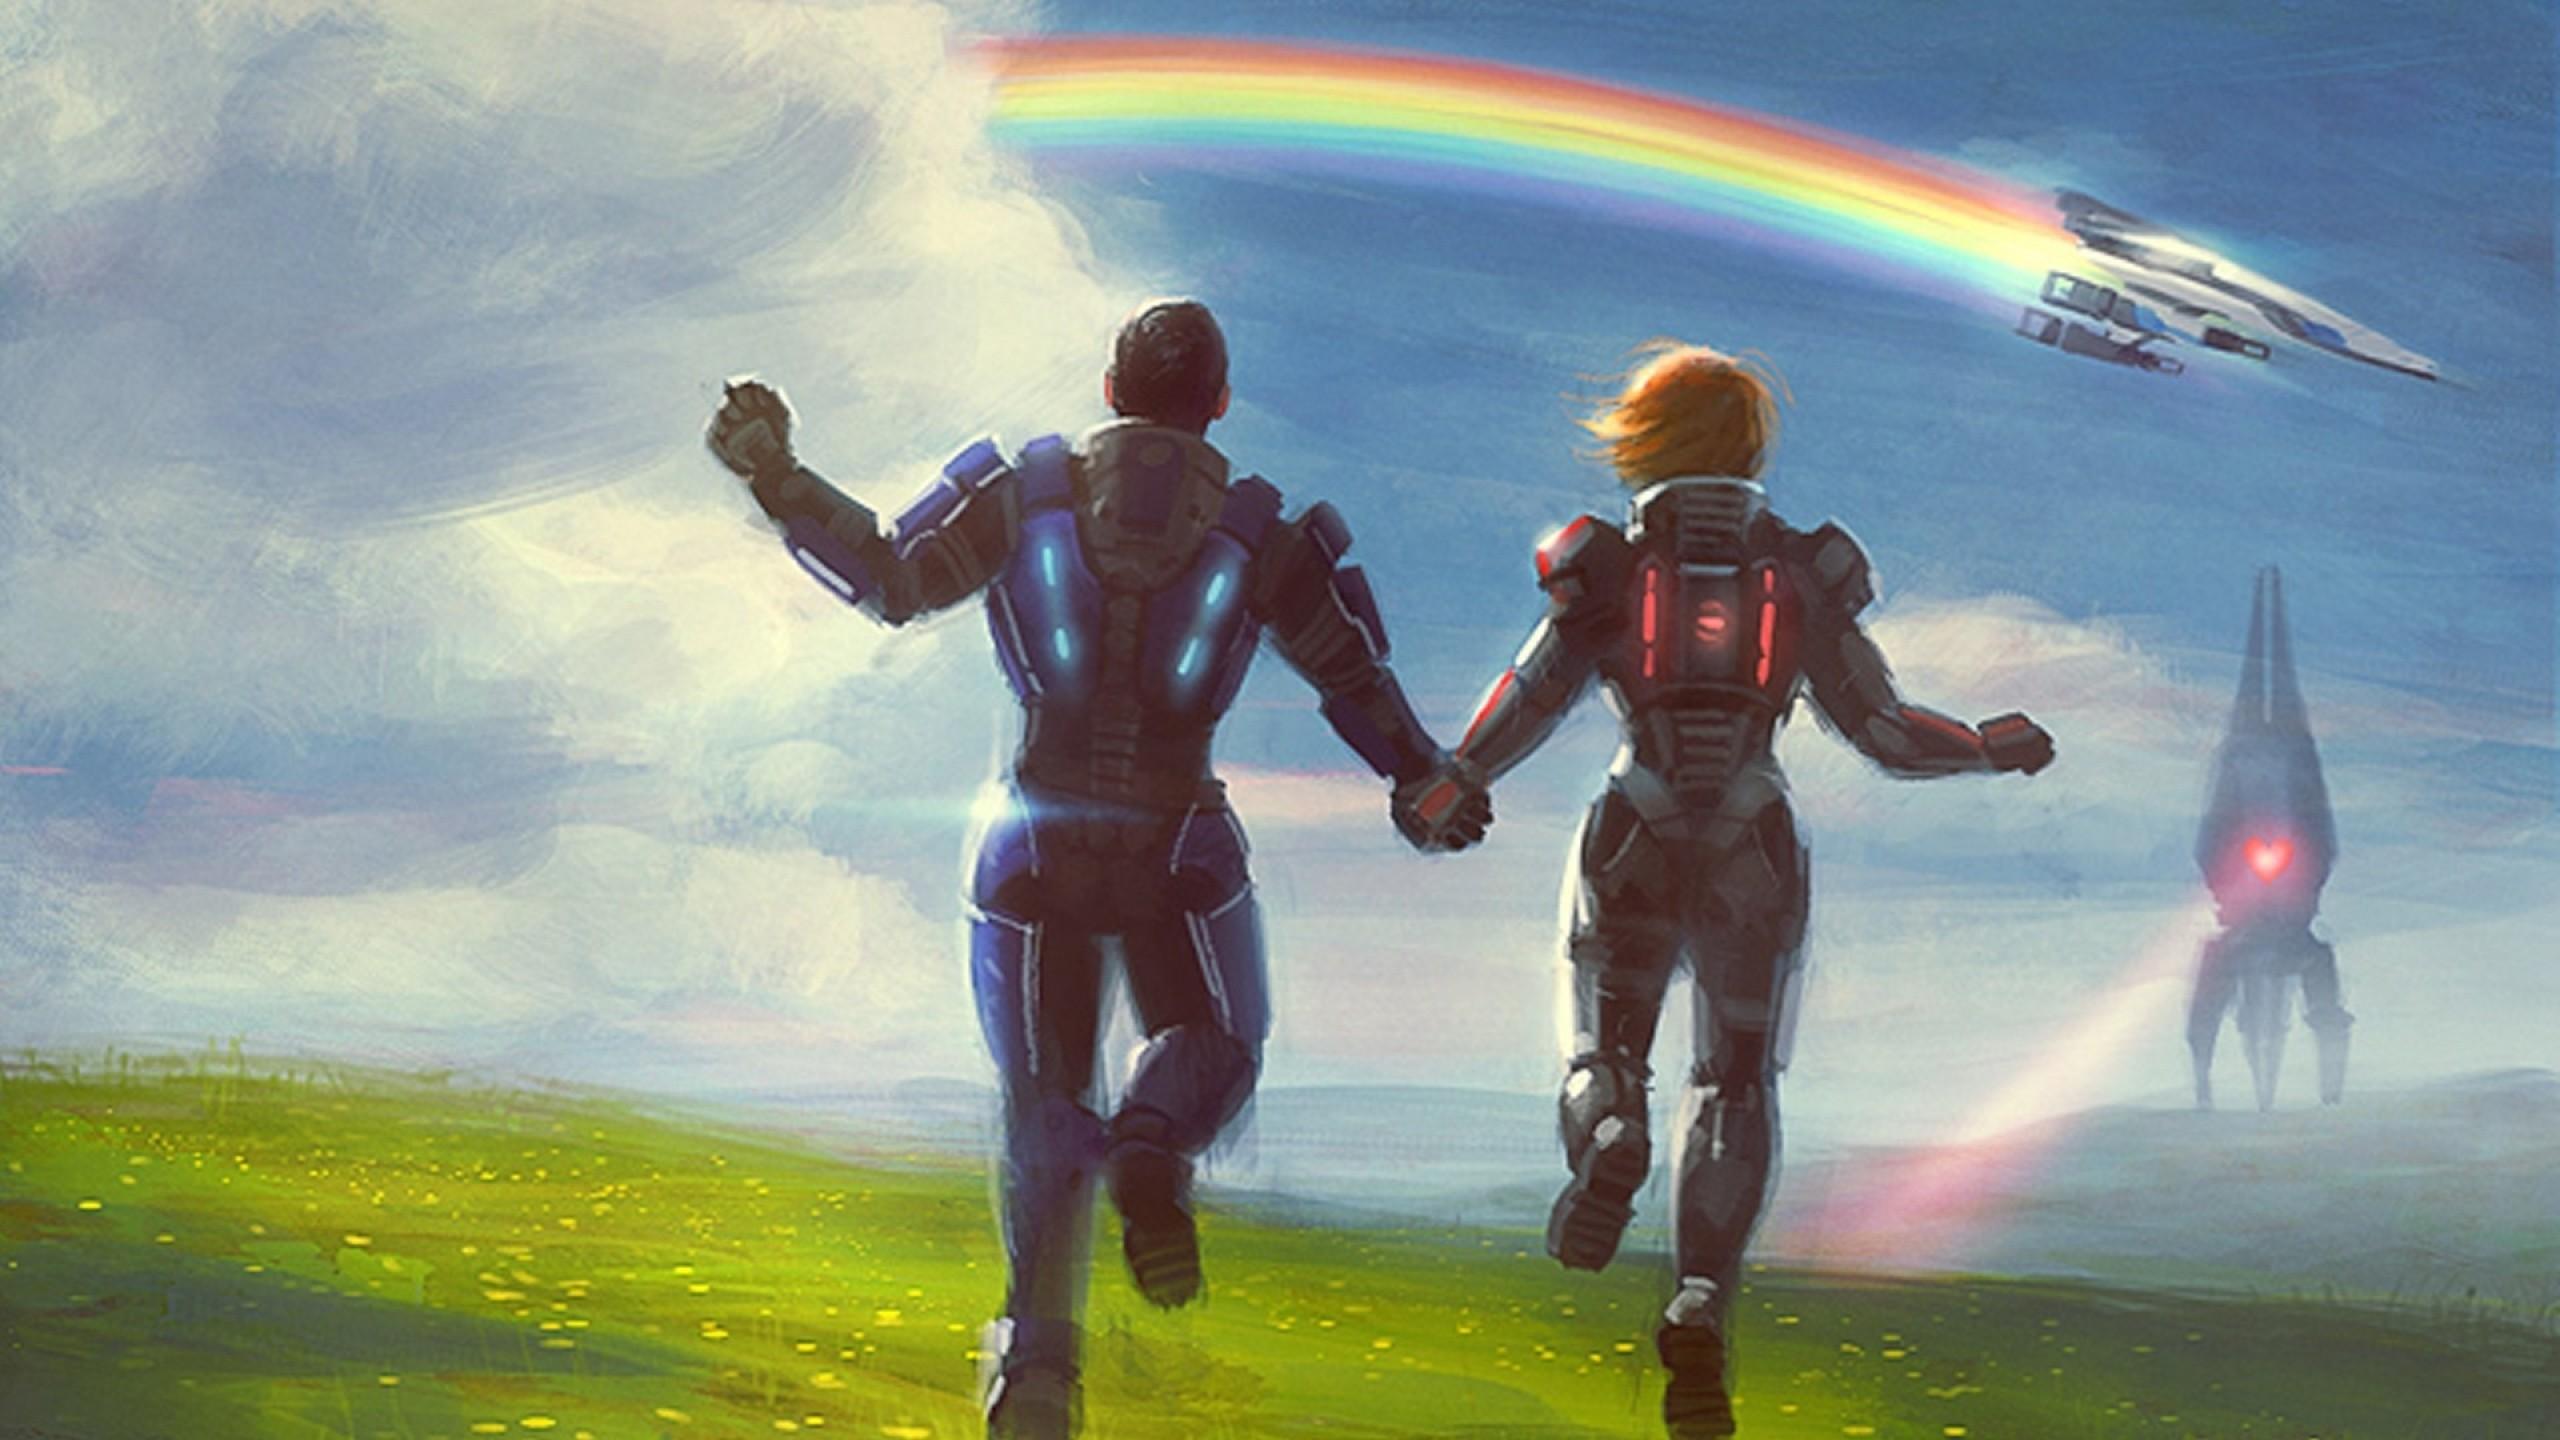 video games normandy reaper rainbows mass effect 3 femshep commander  shepard 1920×1080 wallpaper Art HD Wallpaper